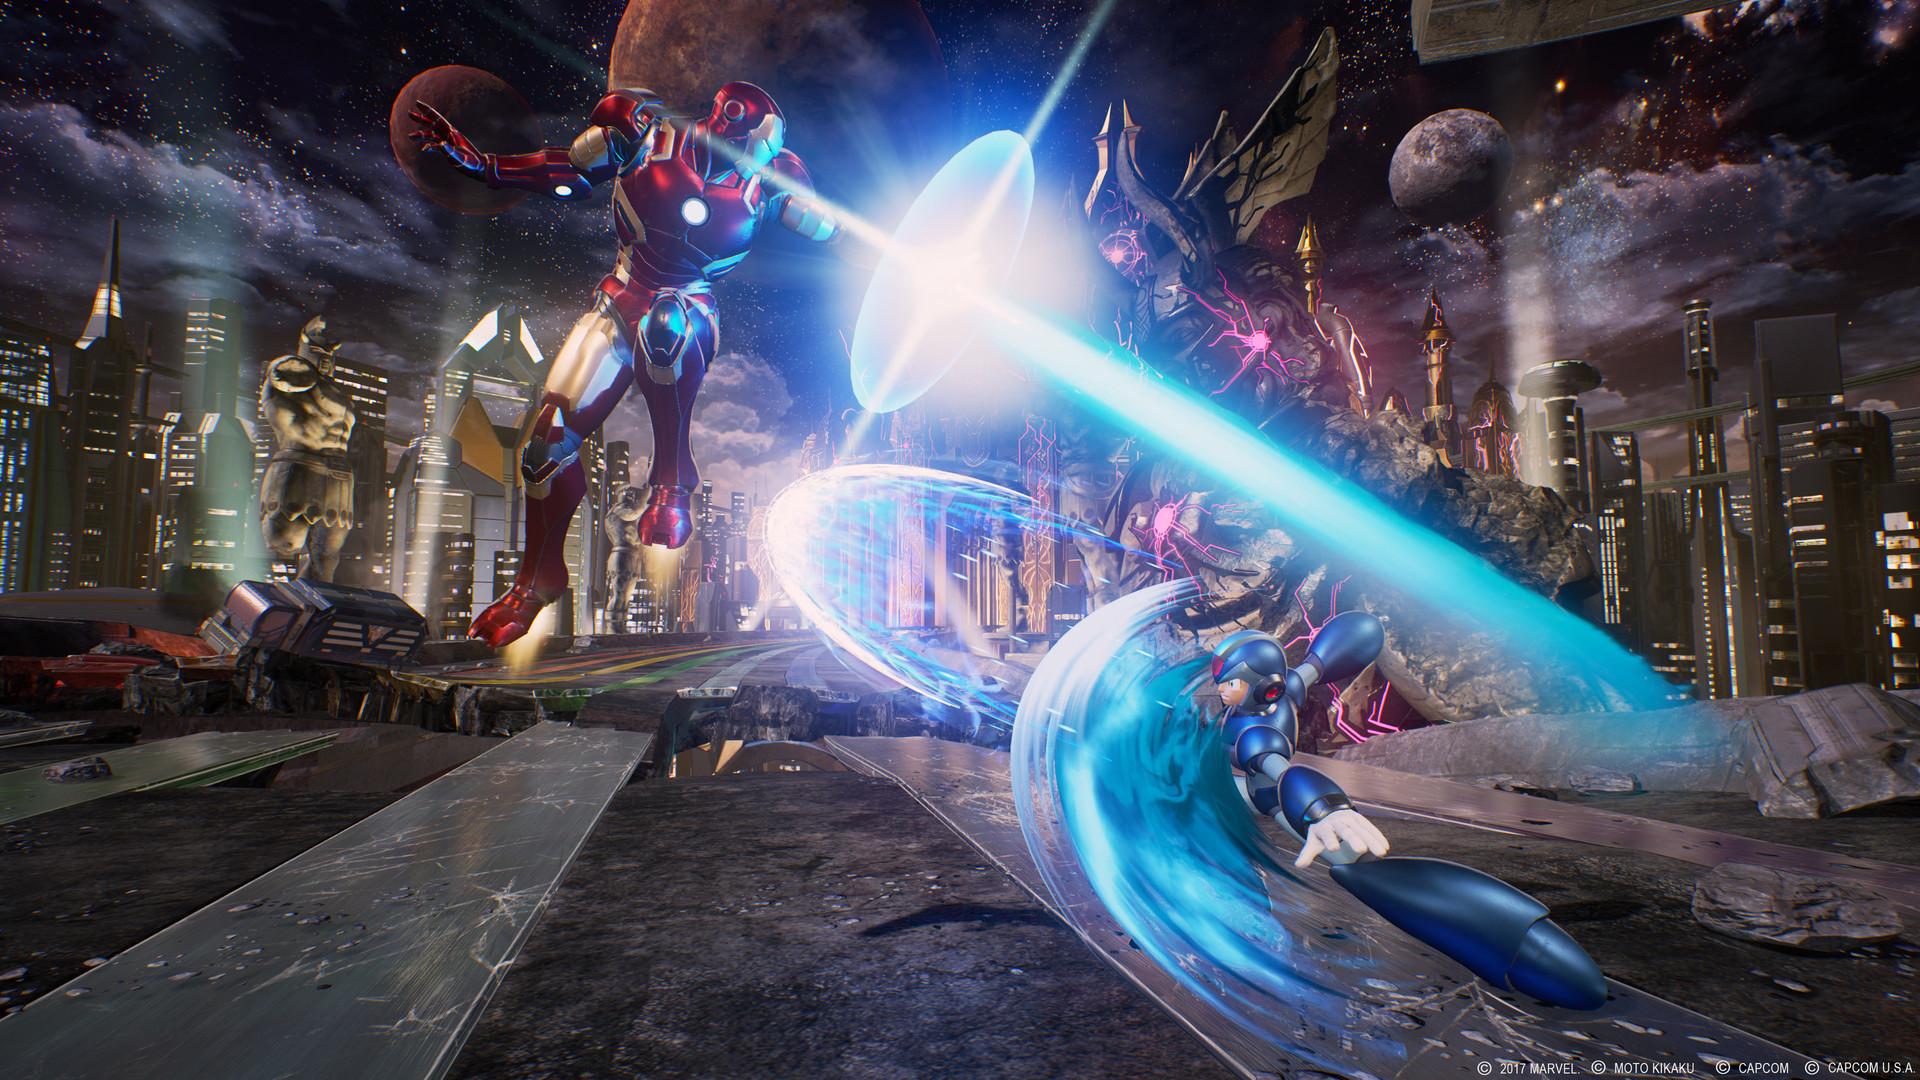 漫画英雄VS卡普空:无限/Marvel vs. Capcom Infinite插图2